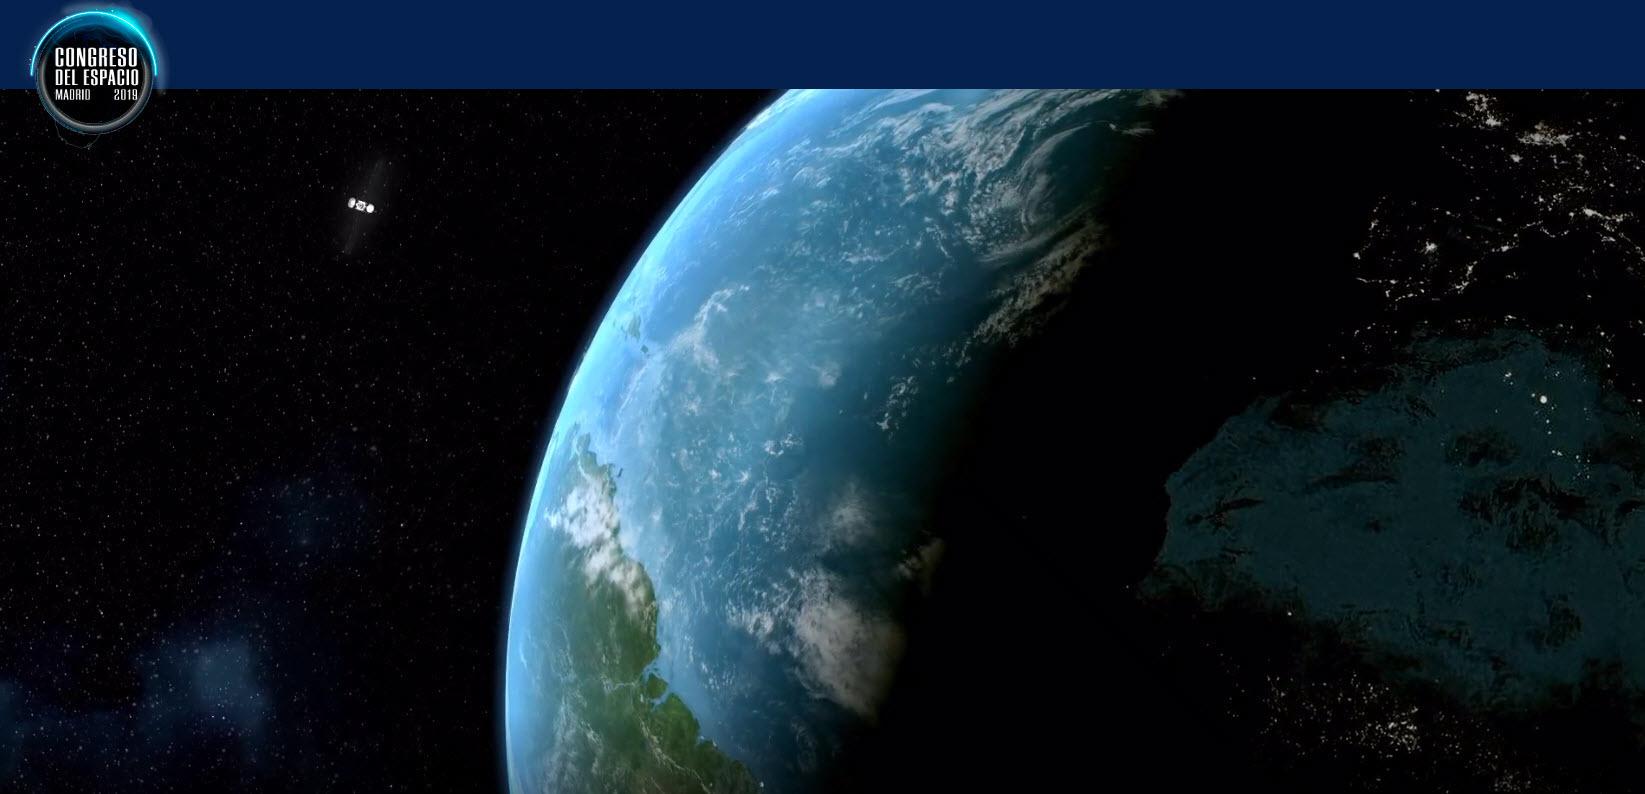 congreso del espacio